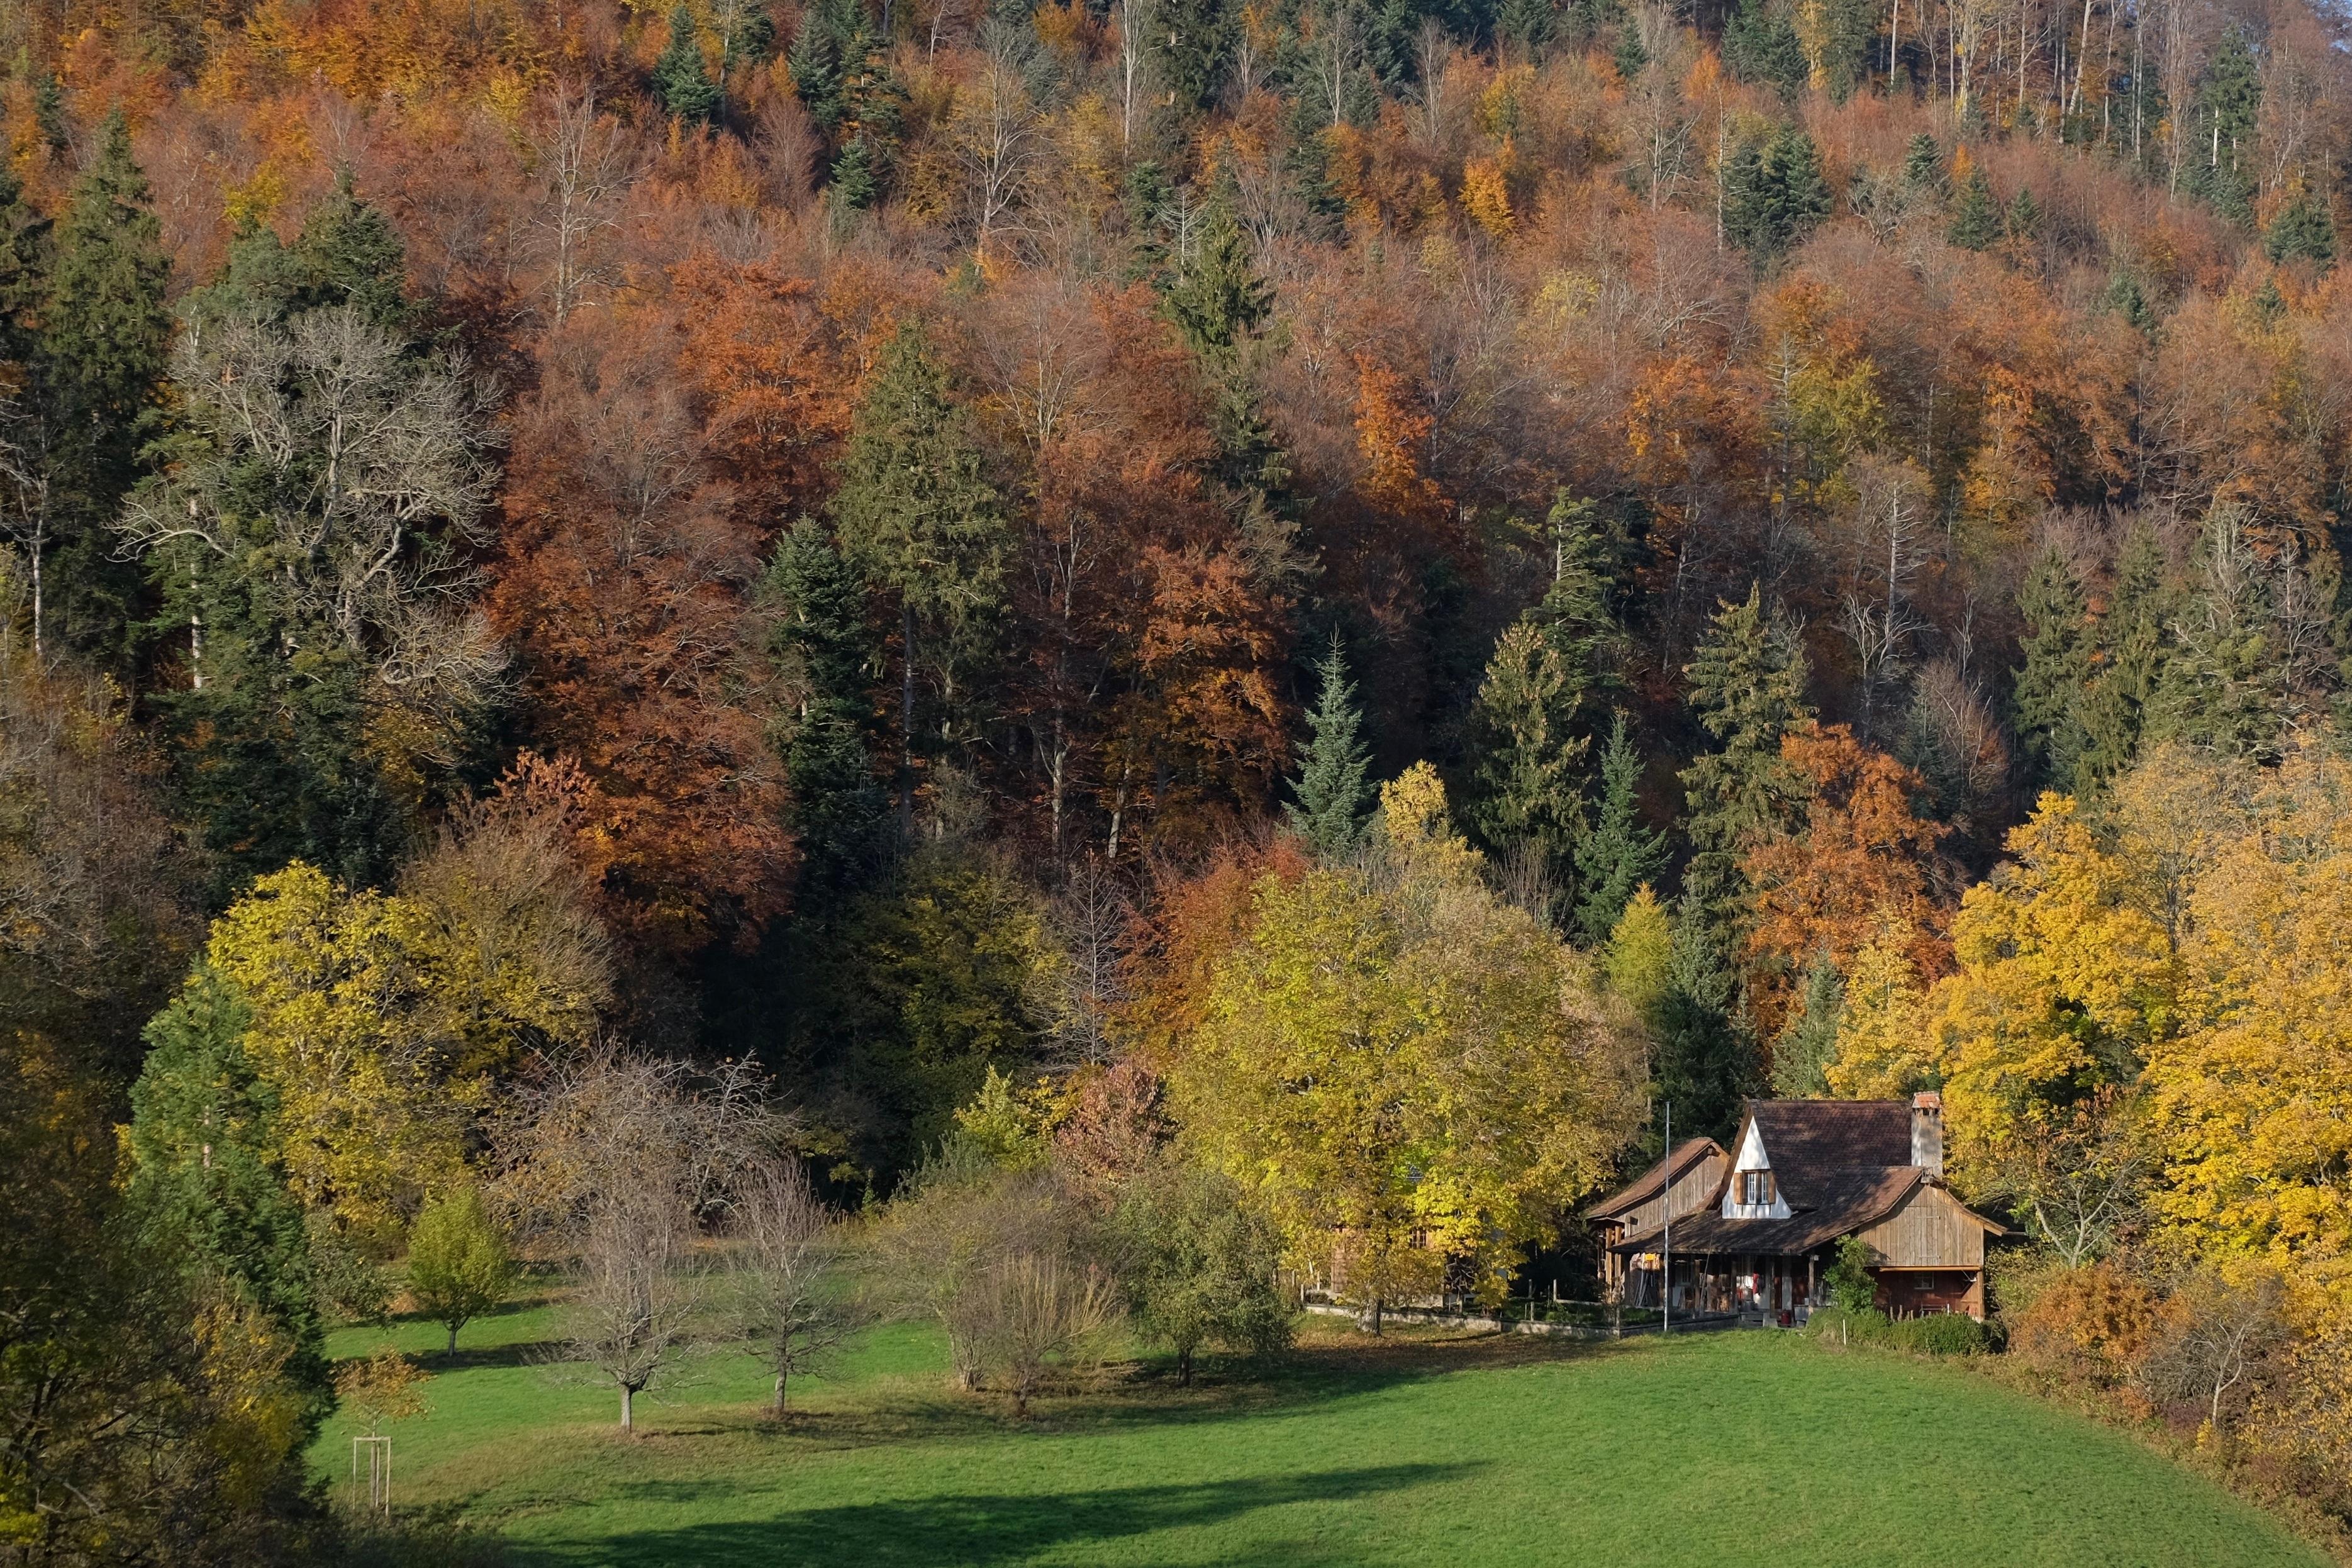 течение картинки лес природа осень деревня второе предлагаются горячие